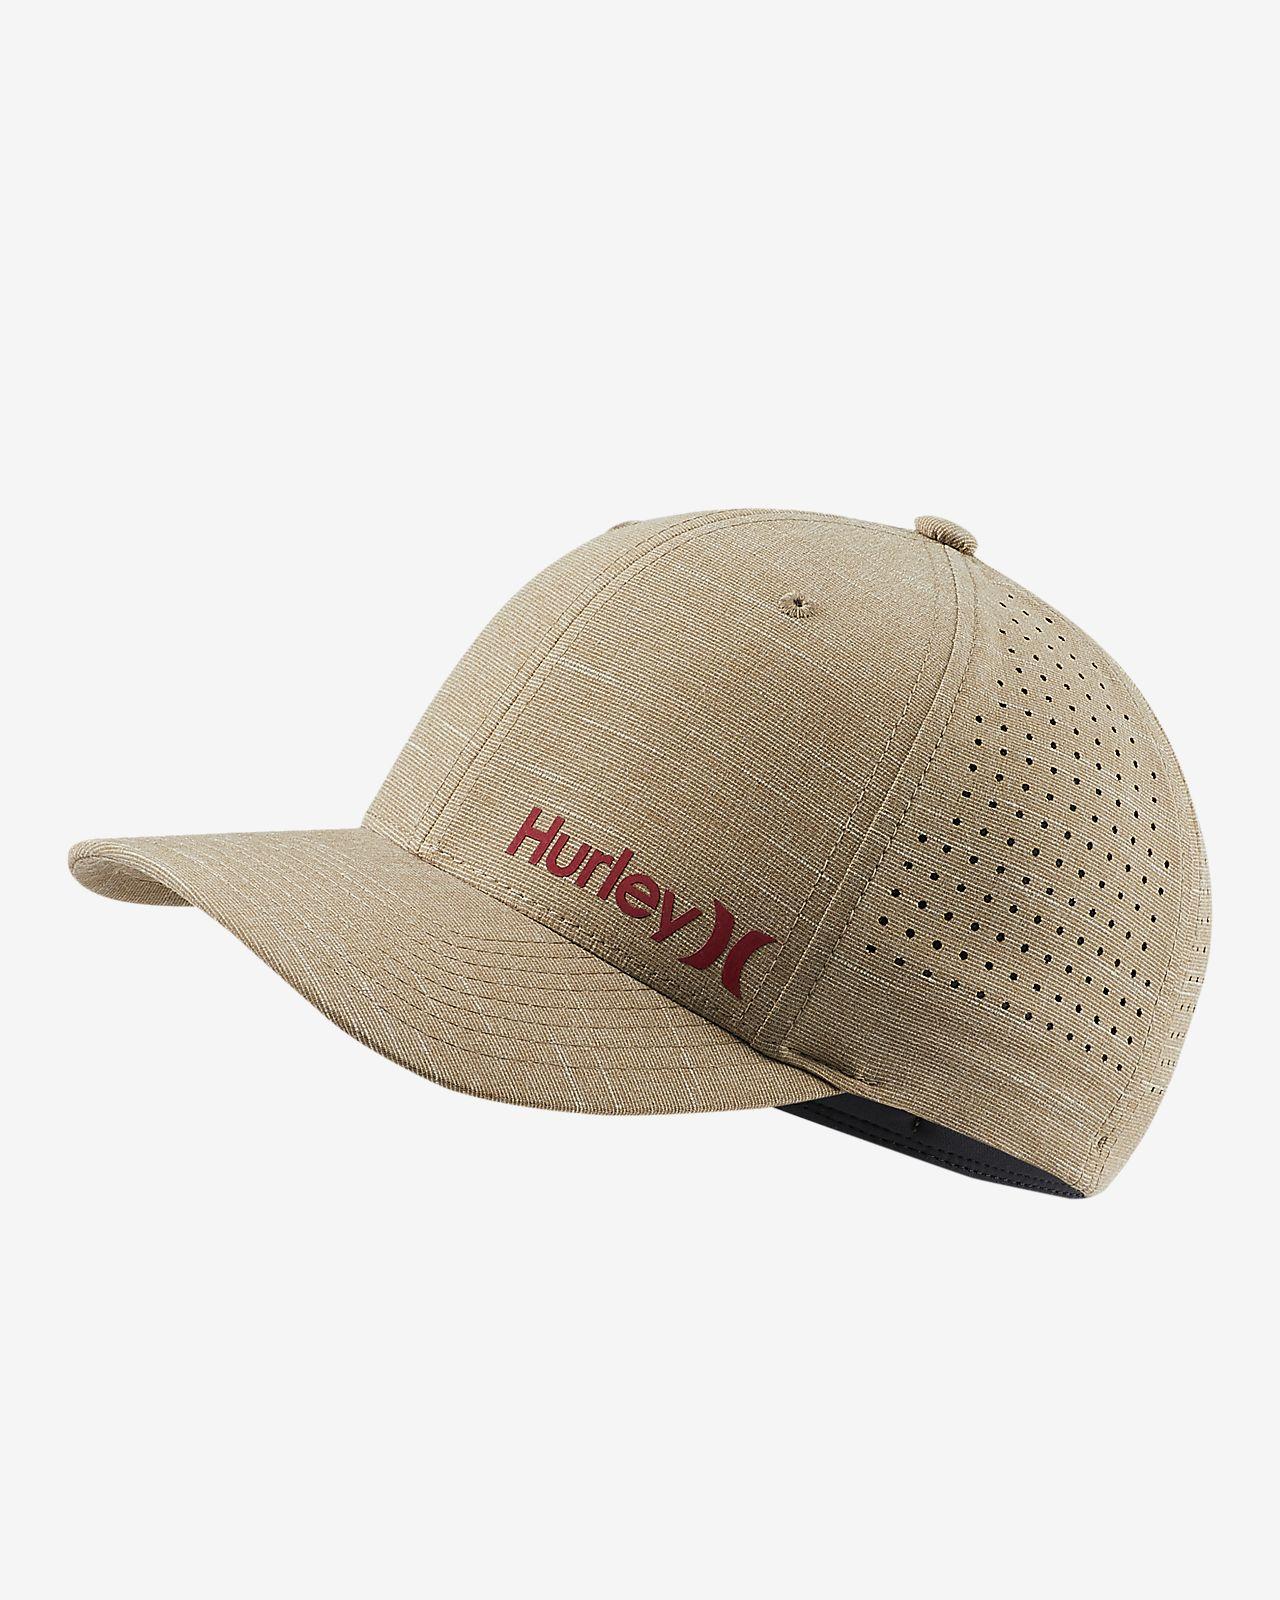 Hurley Phantom Jetty Herren-Cap